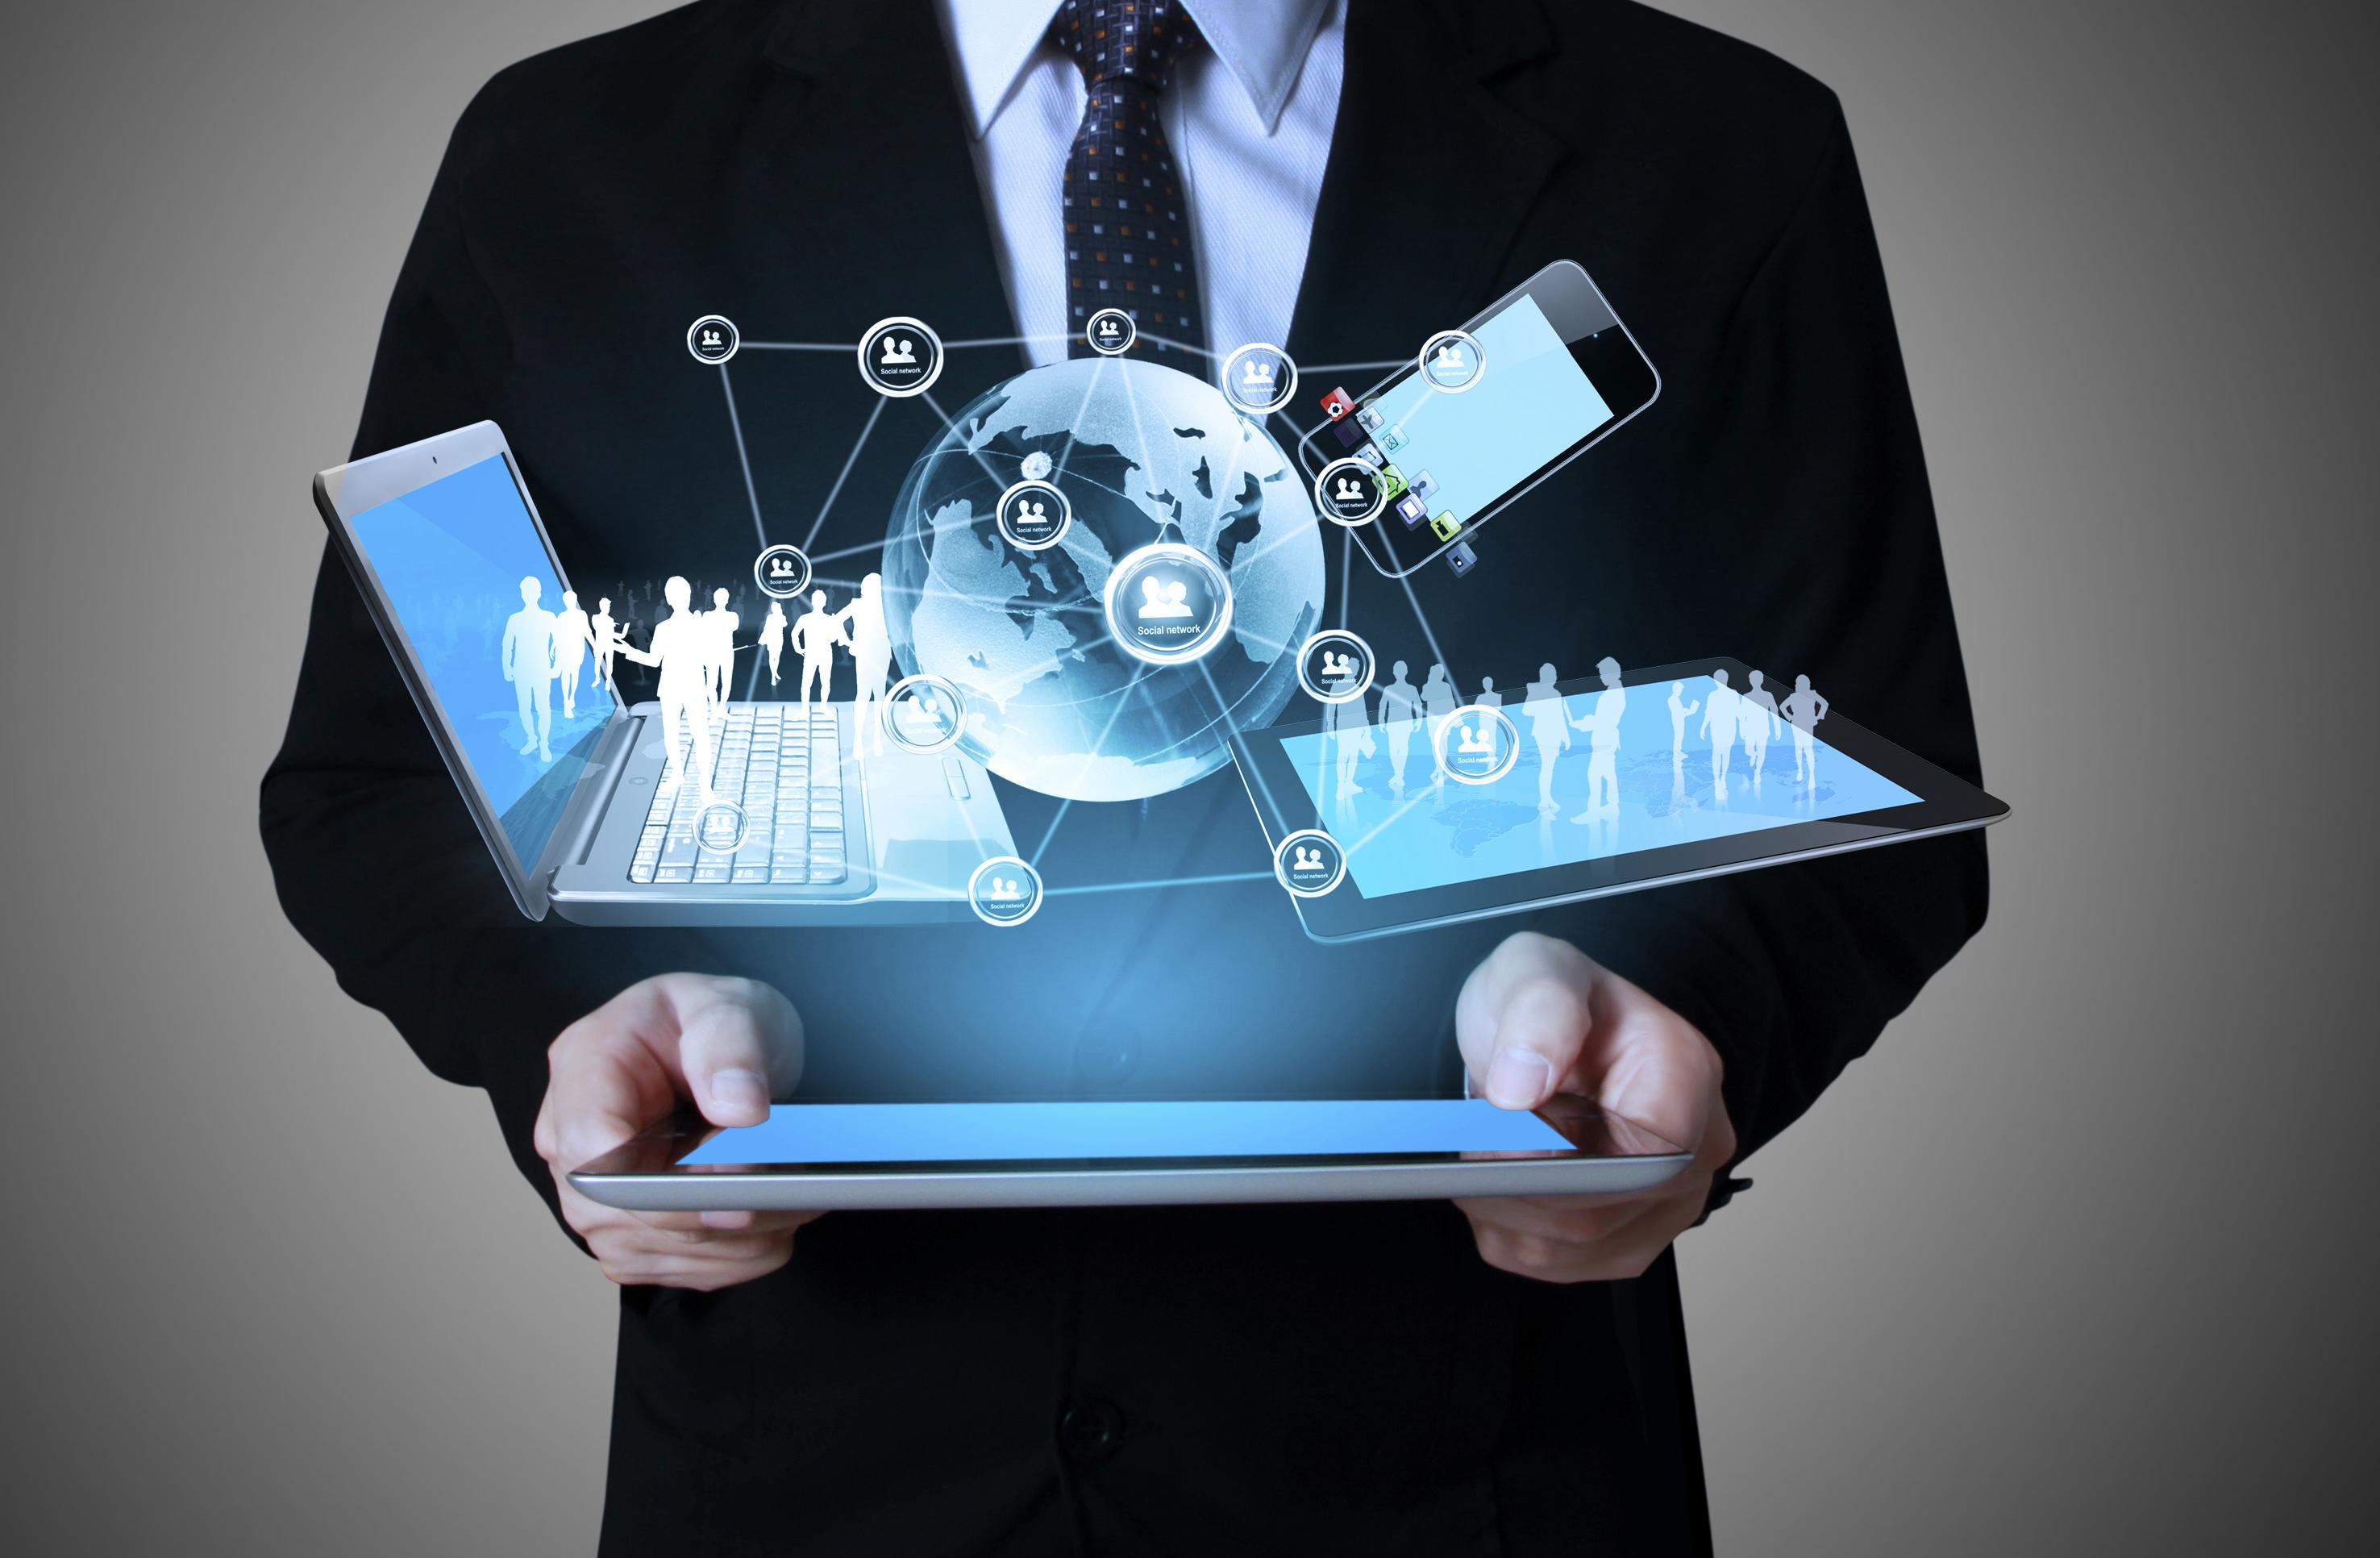 Chu kì sống của công nghệ (Technology Life Cycle - TLC) là gì?